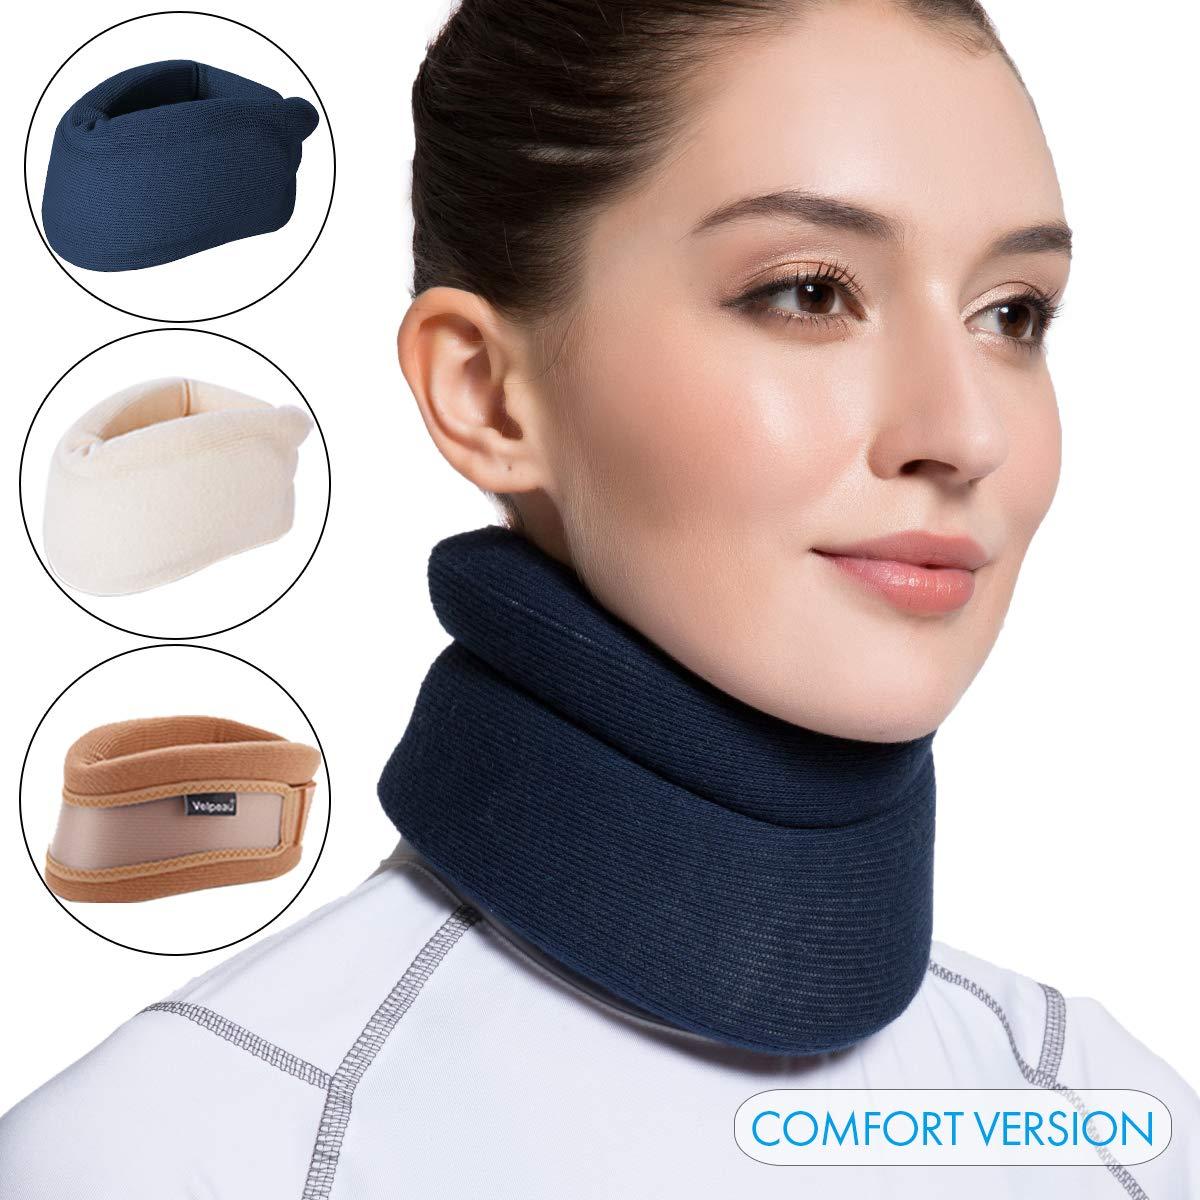 Velpeau Brace Foam Cervical Collar